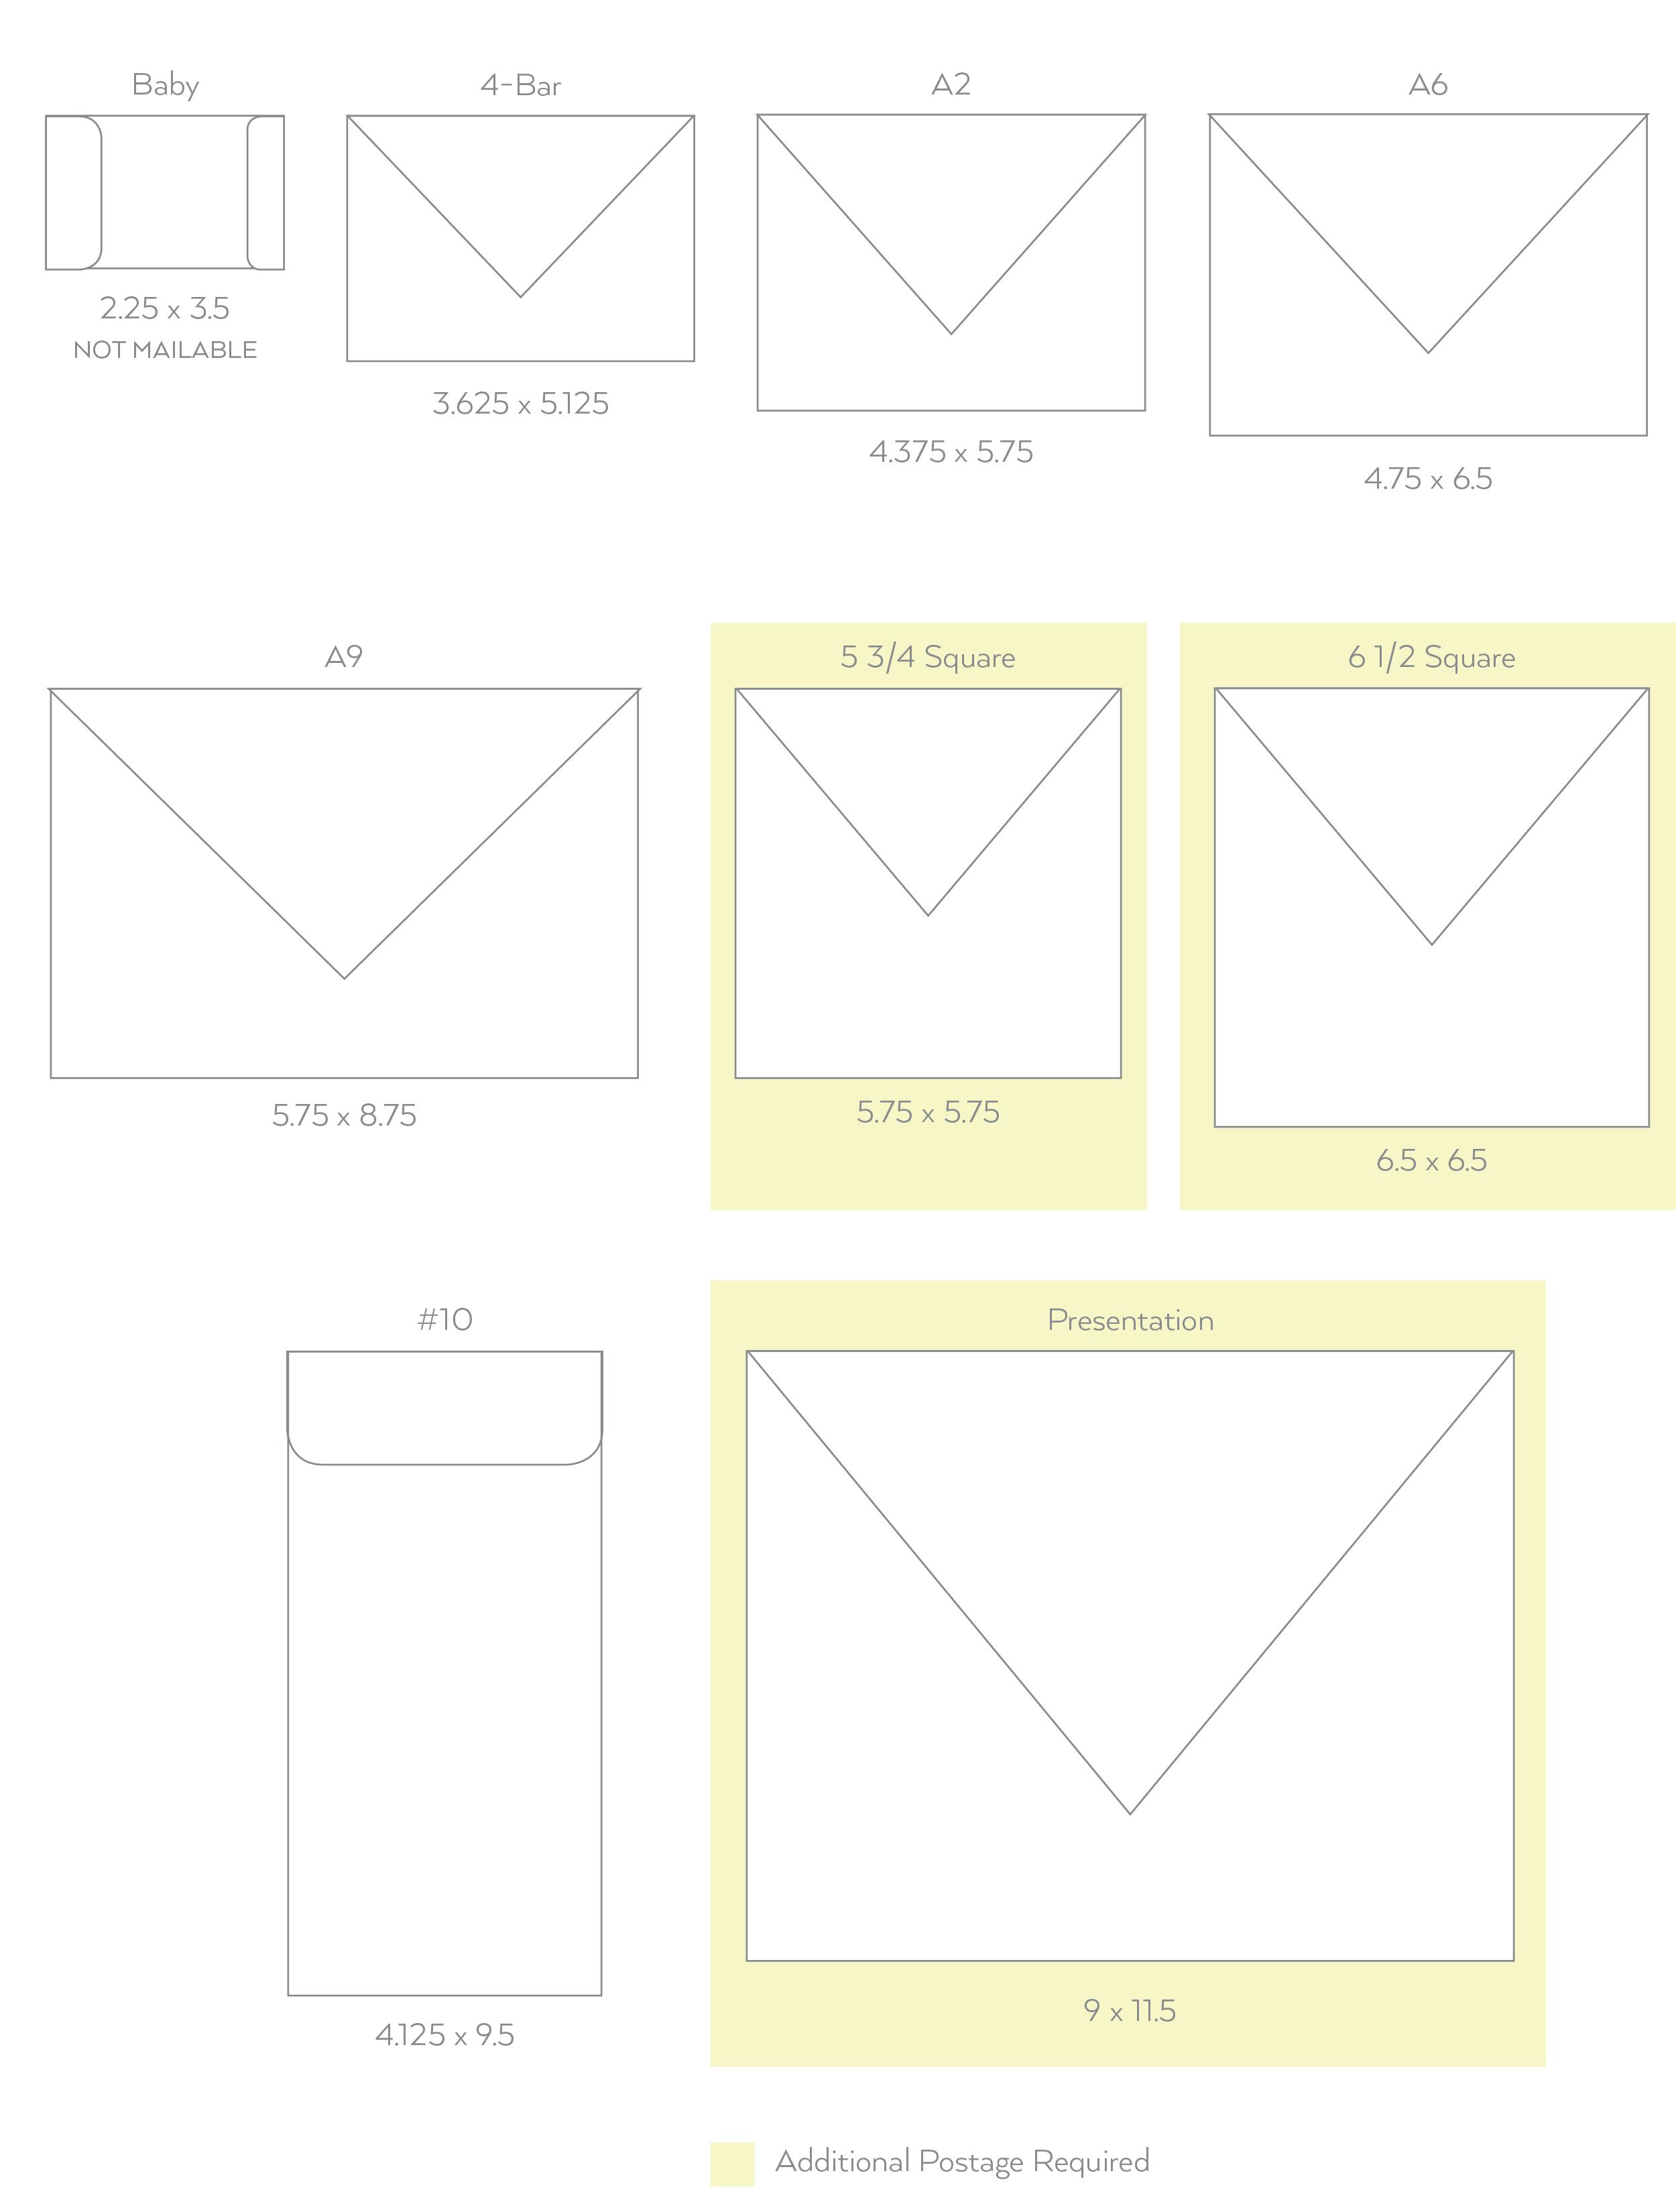 EnvelopesSizes.jpg